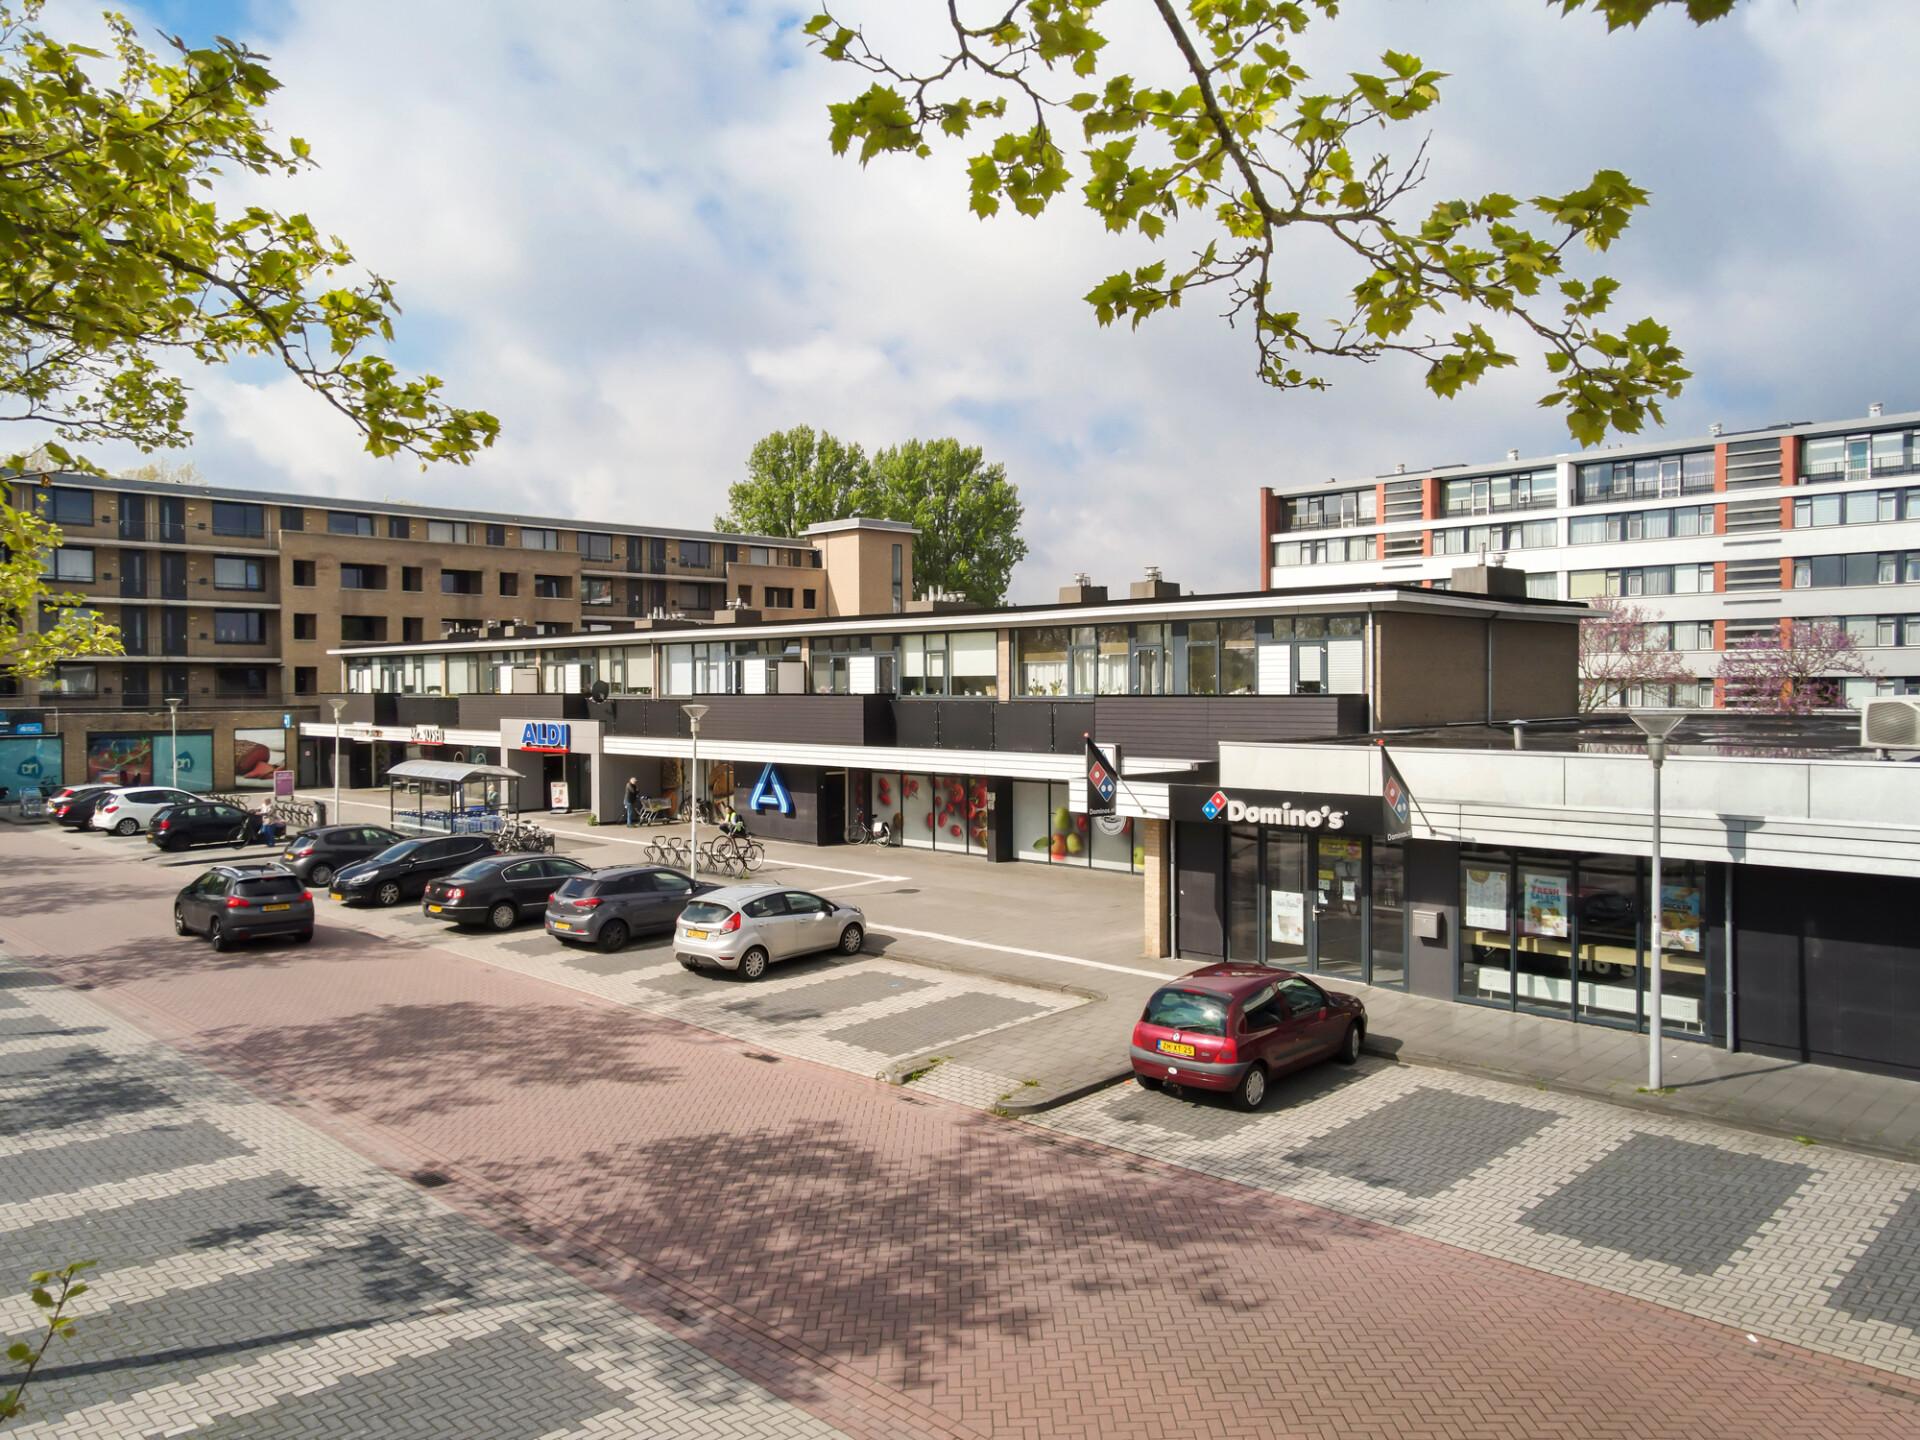 Winkelcentrum Nije Nering